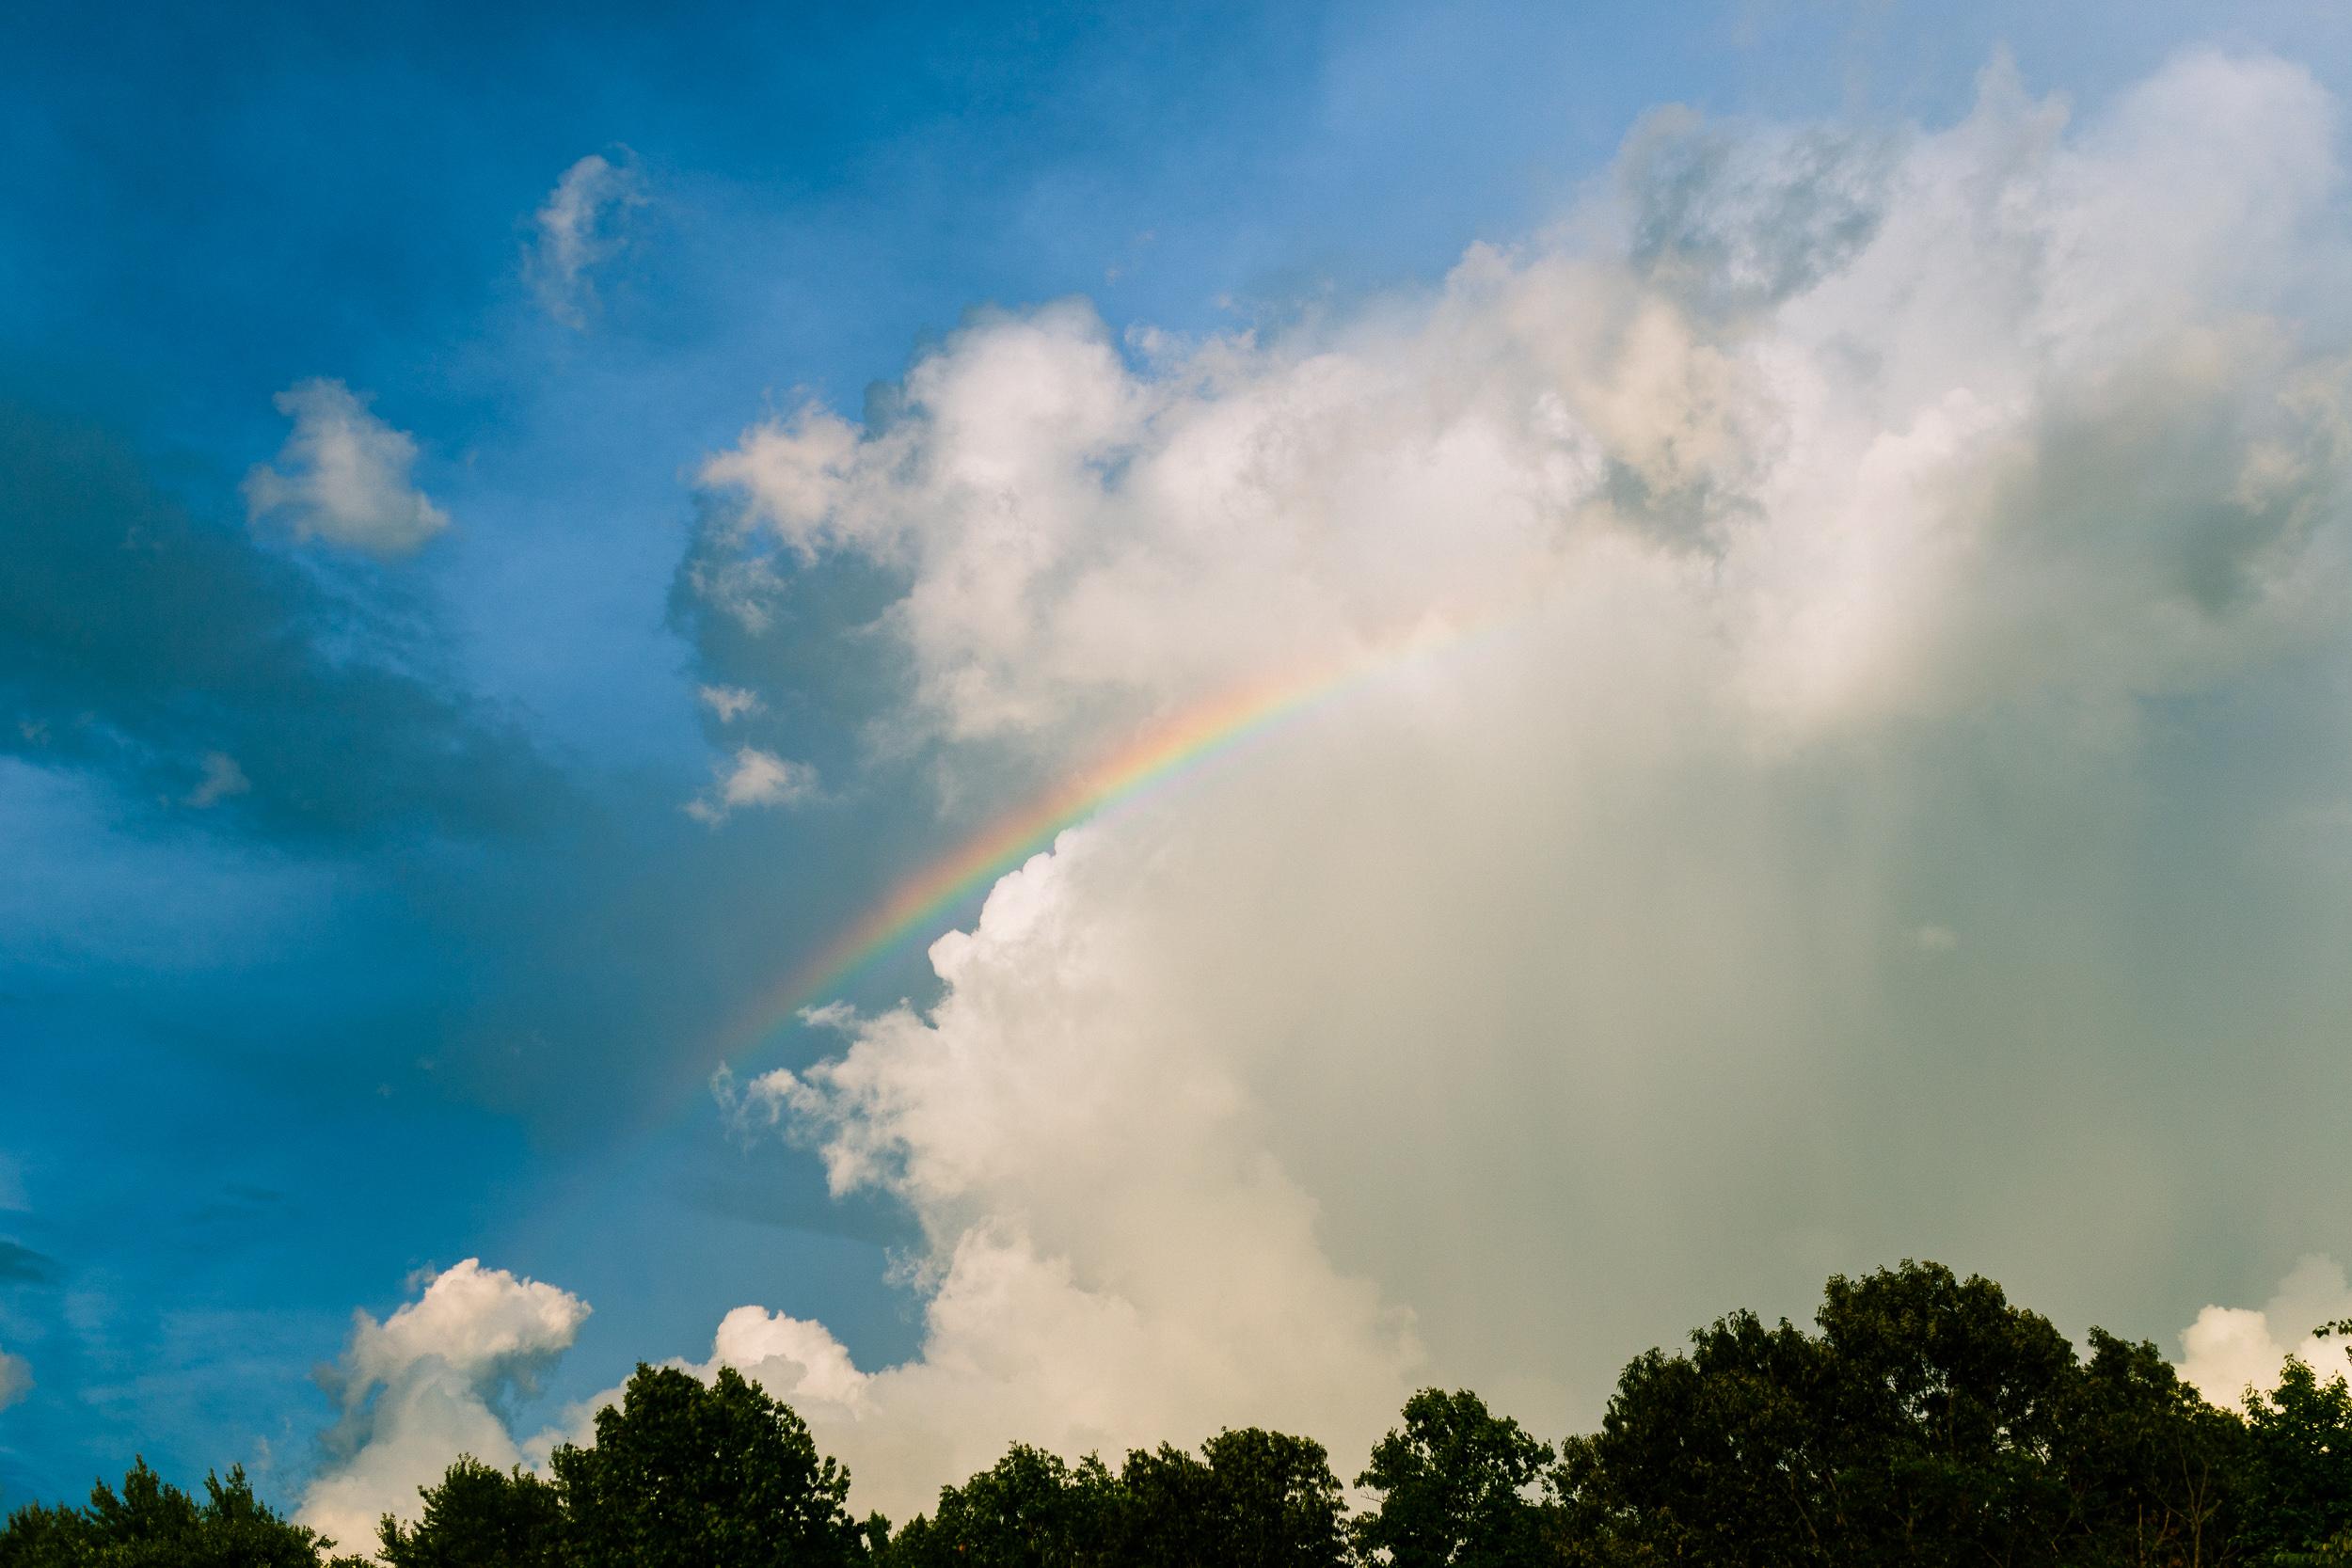 A rainbow of promise